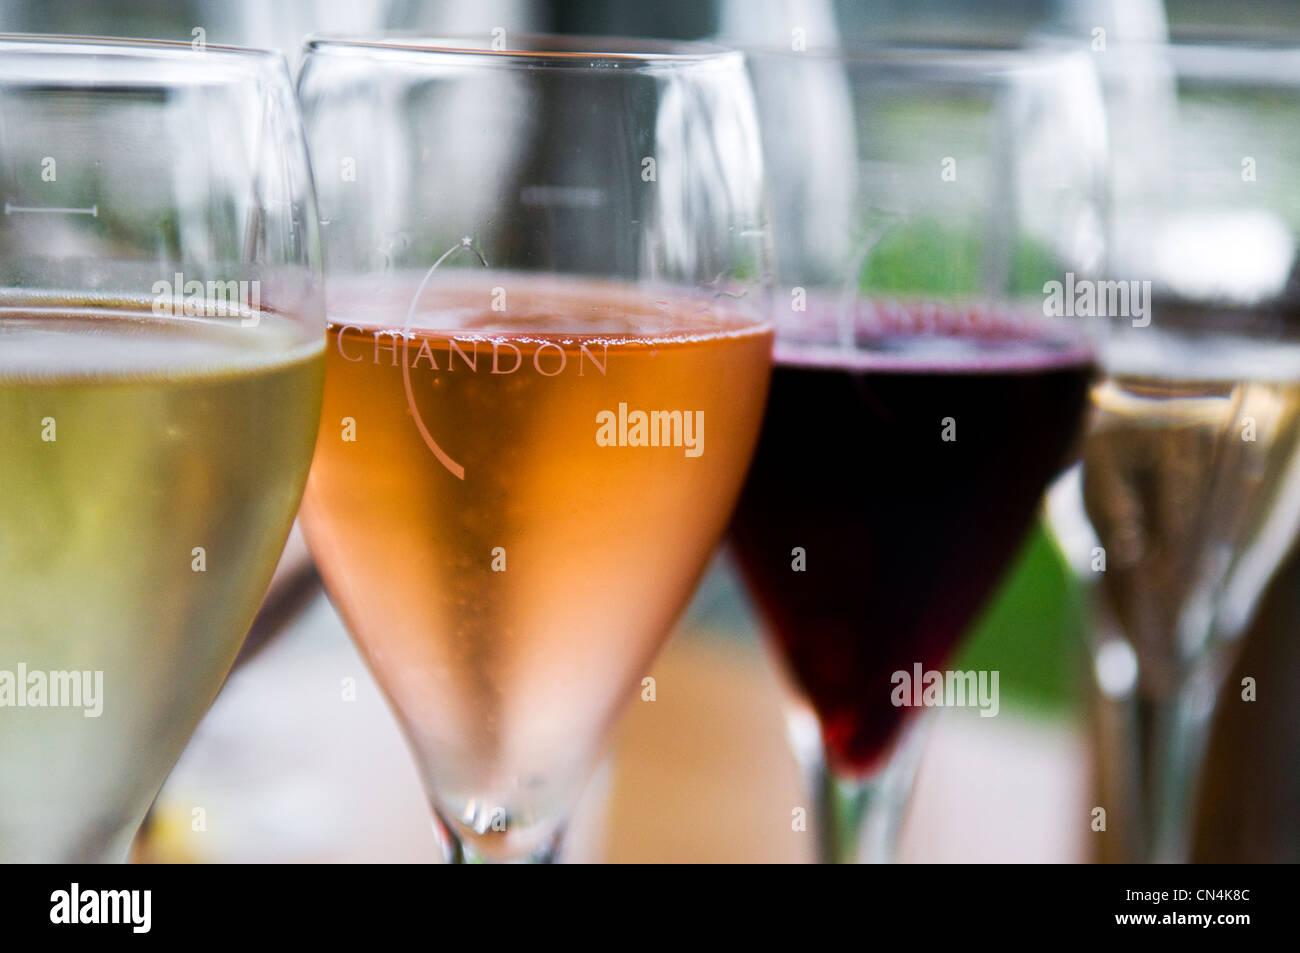 Australia, Victoria, región productora de vino del valle de Yarra al noreste de Melbourne, Coldstream, degustación Imagen De Stock